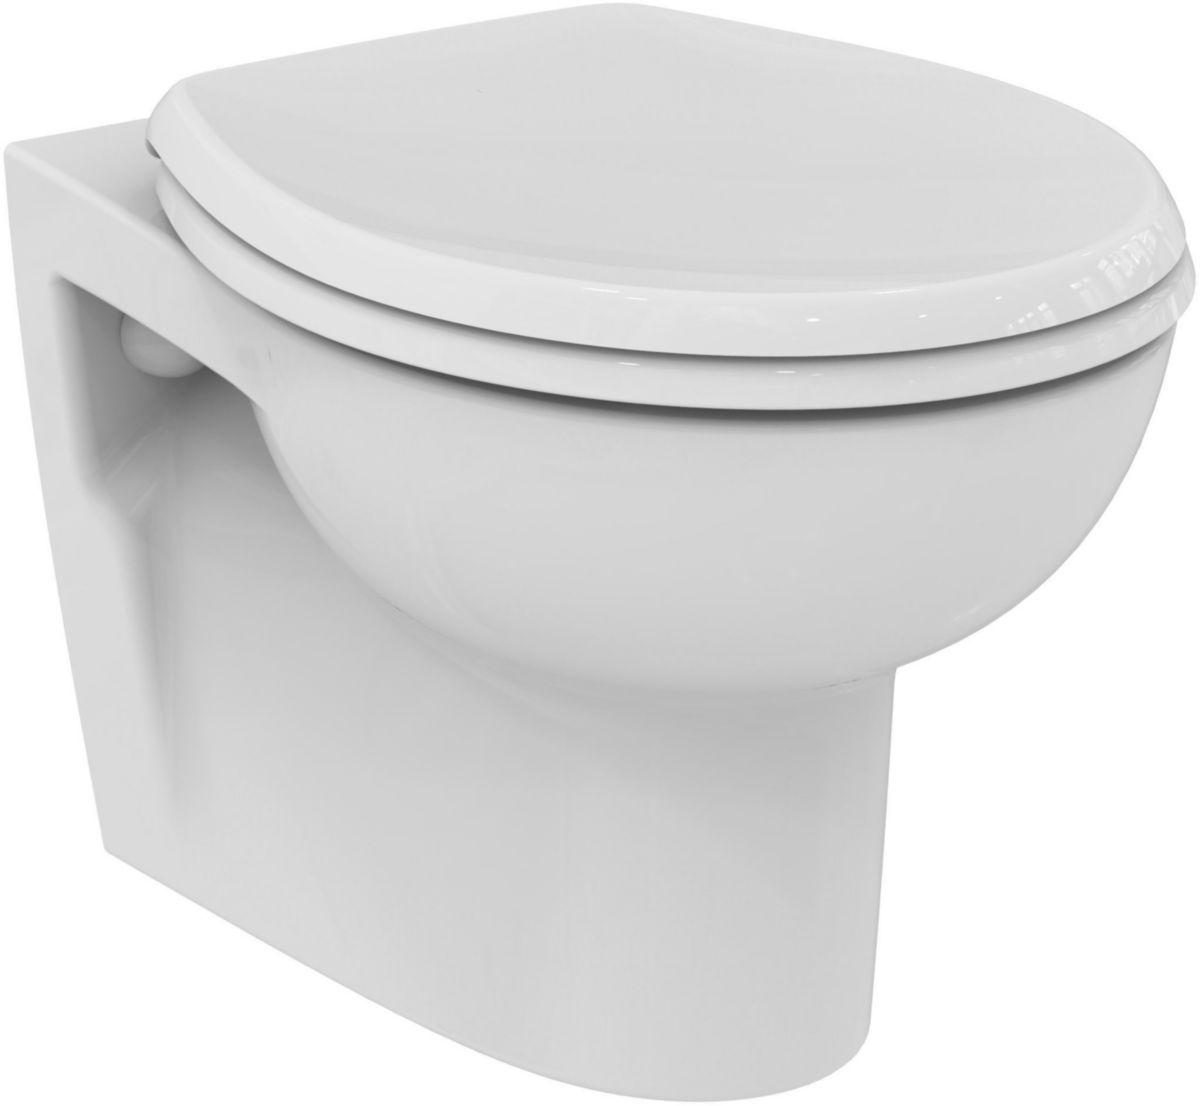 changer abattant wc sanibroyeur cool gimify wc suspendu cramique toilette mural avec abattant. Black Bedroom Furniture Sets. Home Design Ideas